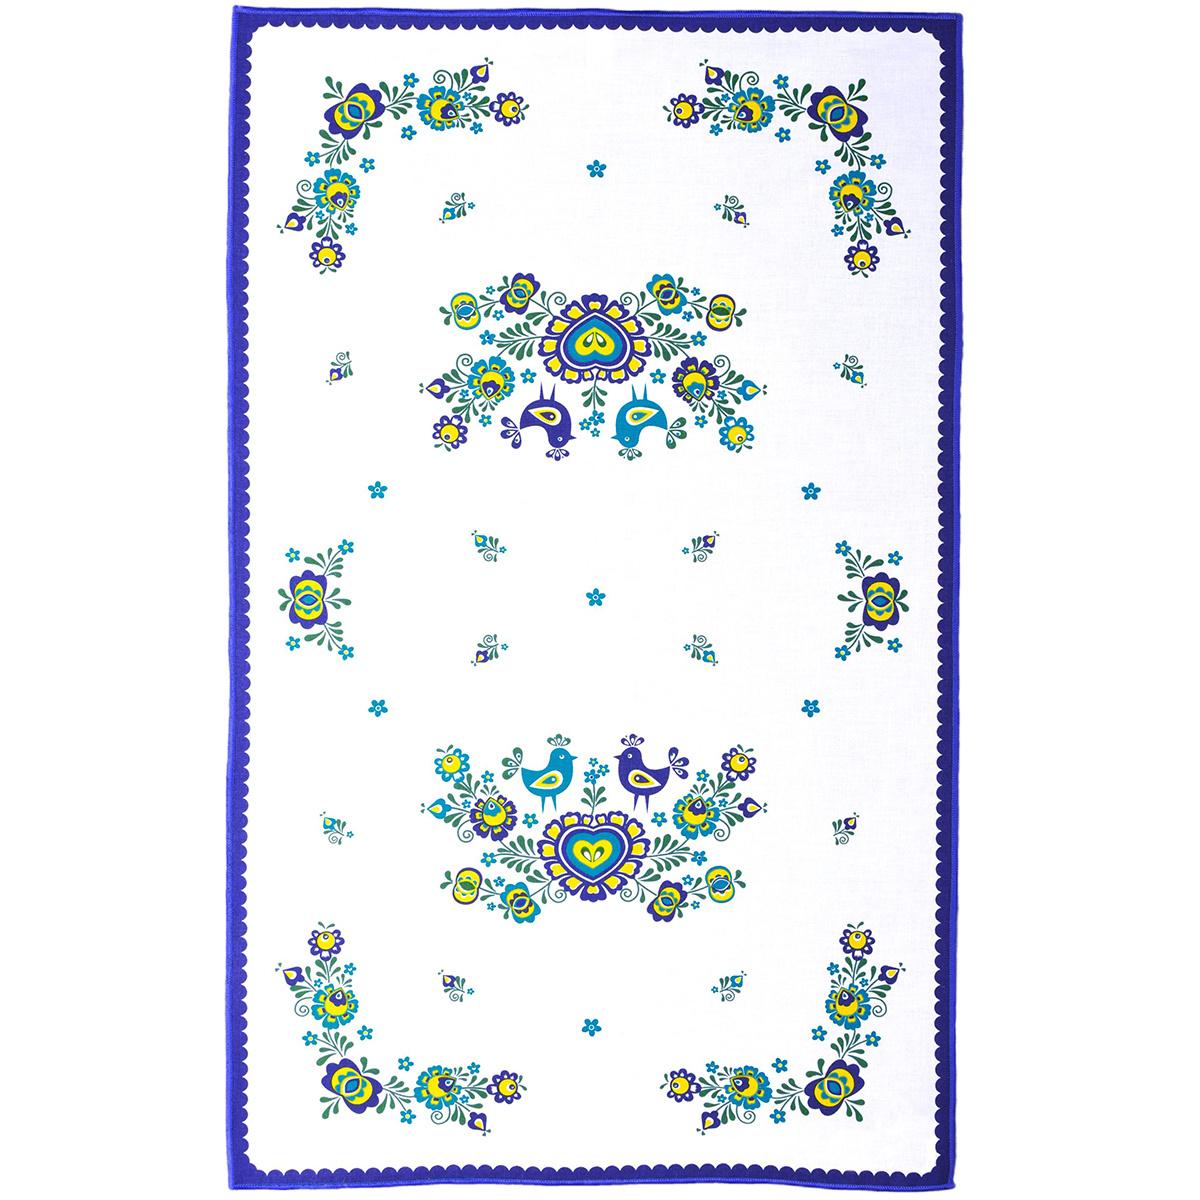 FORBYT Utěrka Folklor modrá, 45 x 70 cm, sada 3 ks